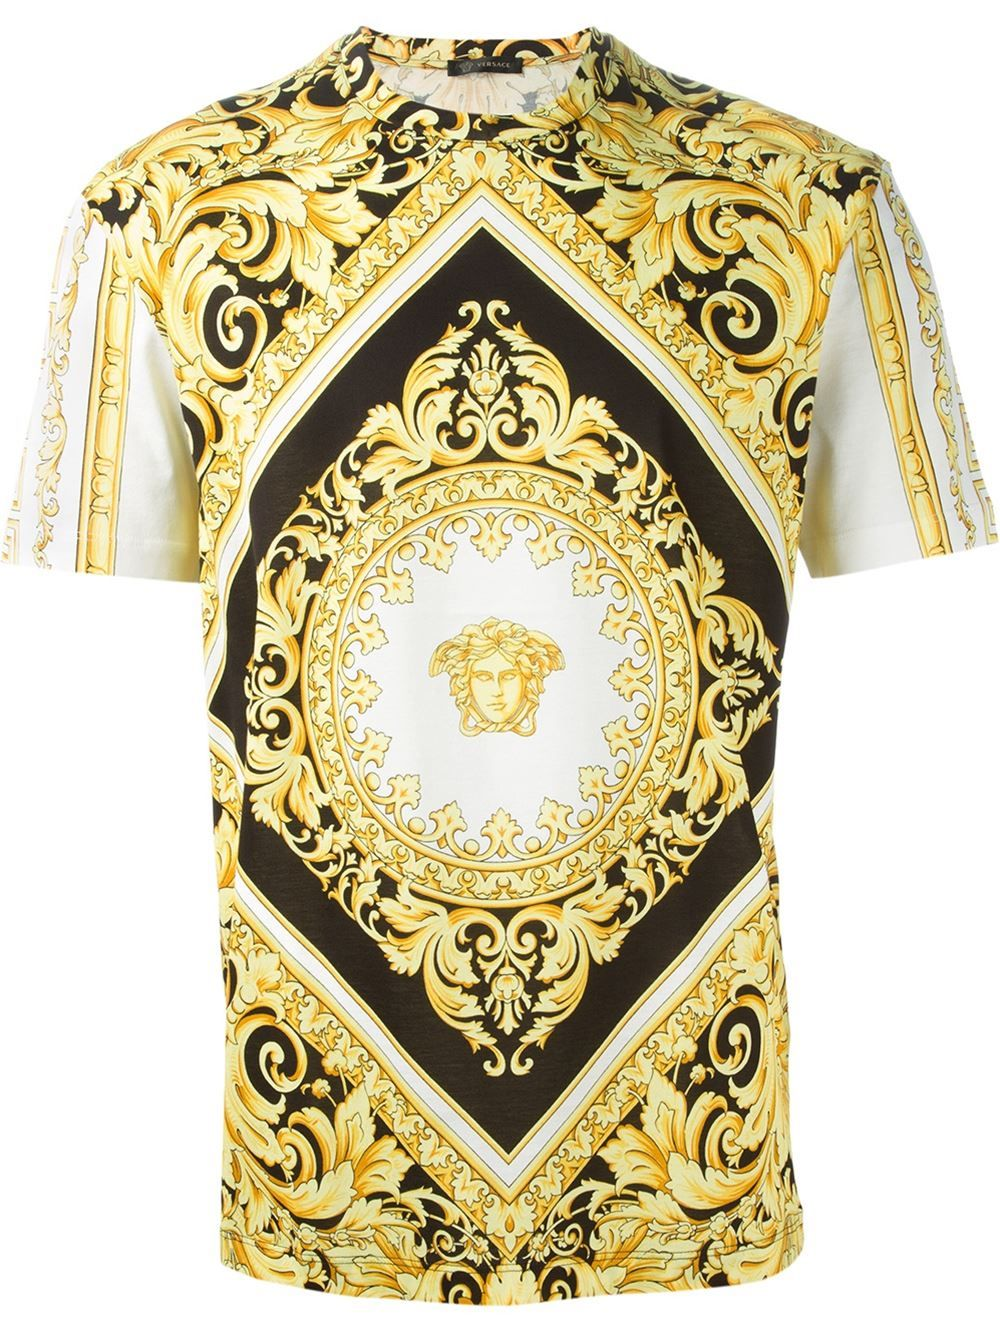 2920b13b84624 Versace Medusa Baroque T-shirt - Eraldo - Farfetch.com | Mode ...